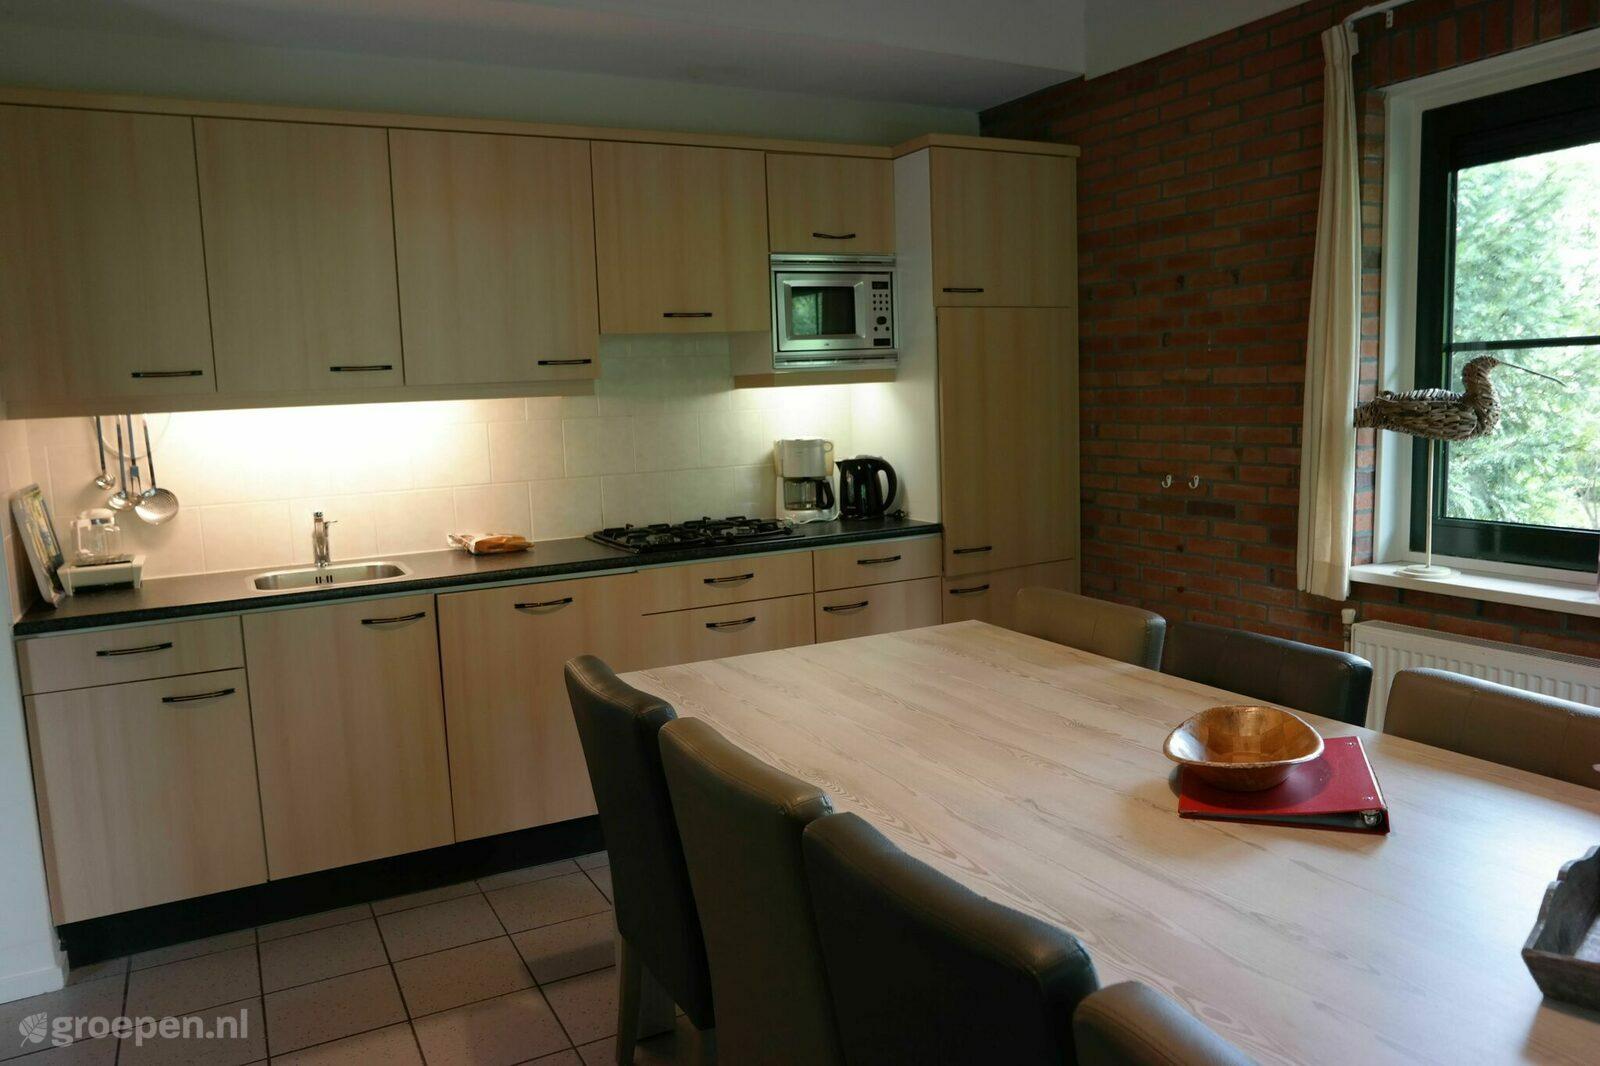 Group accommodation Hardenberg